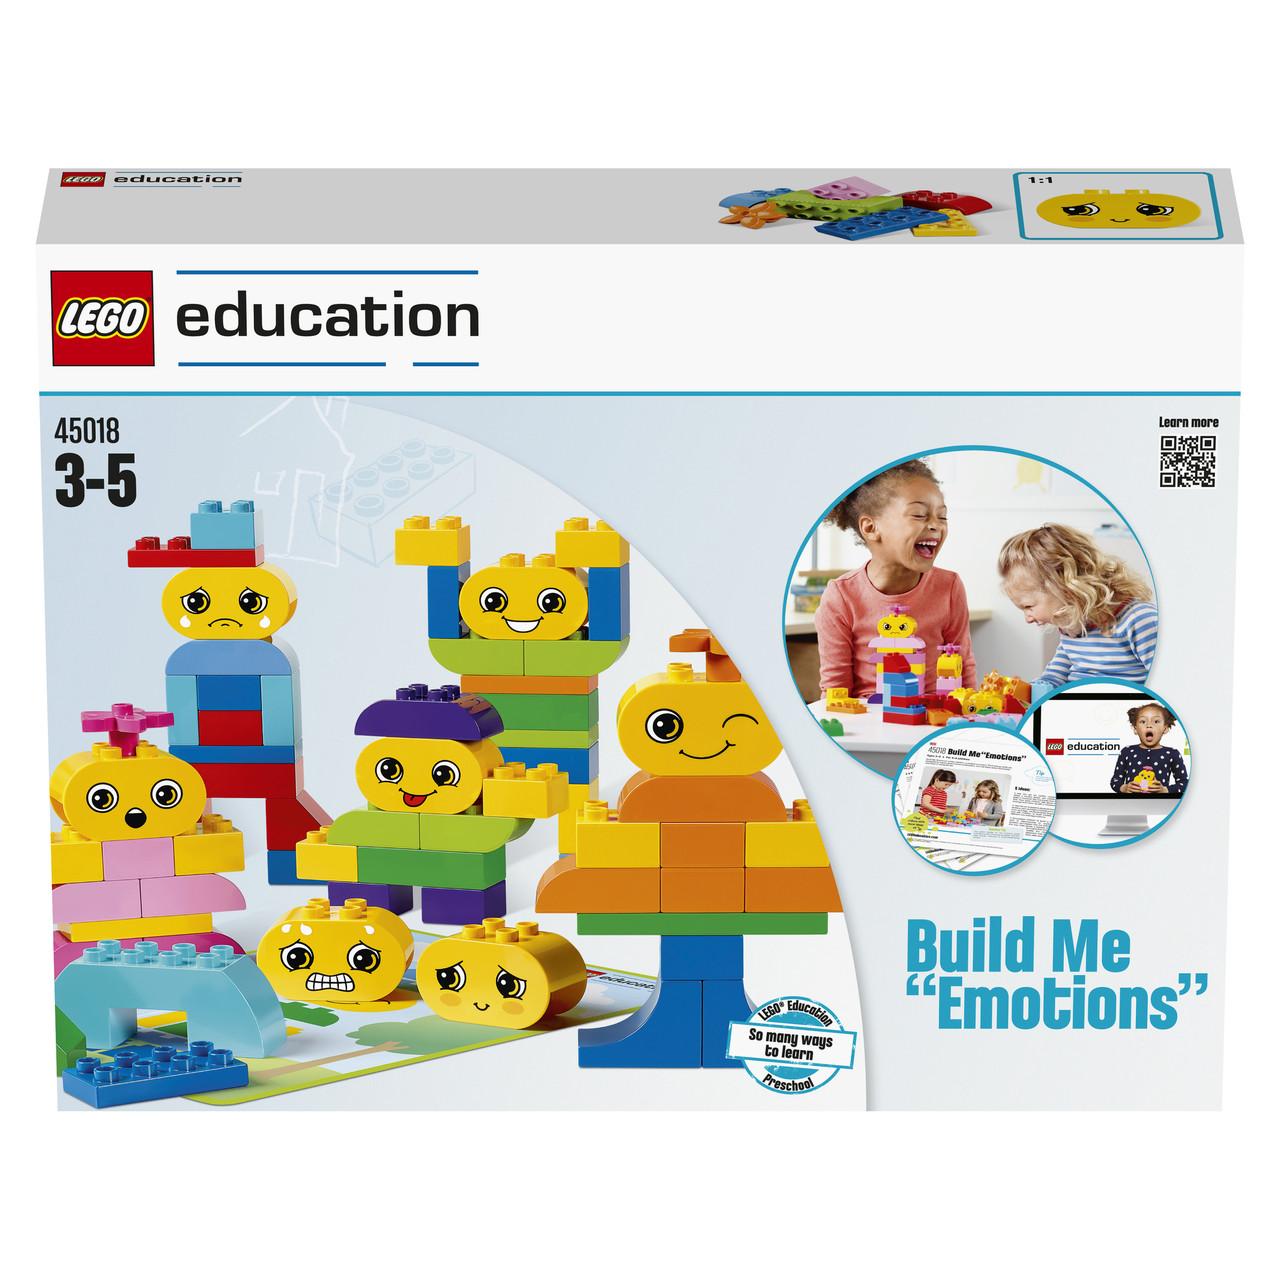 Лего эмоциональное развитие ребенка